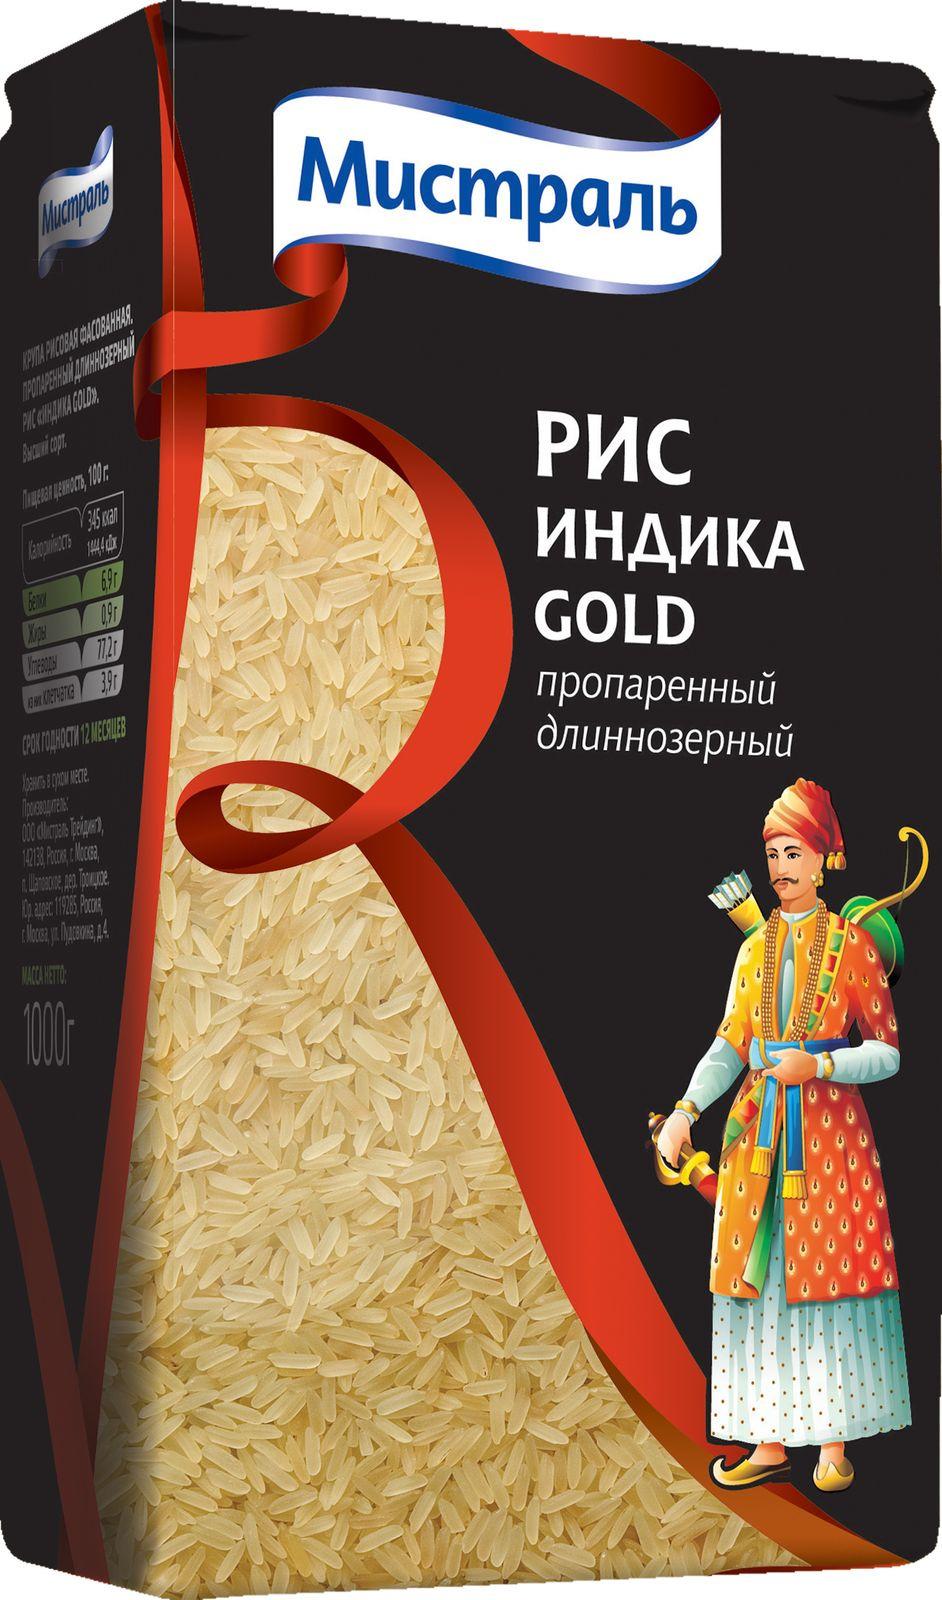 Мистраль Рис Индика Gold, 1 кг зерна мистраль киноа 500г